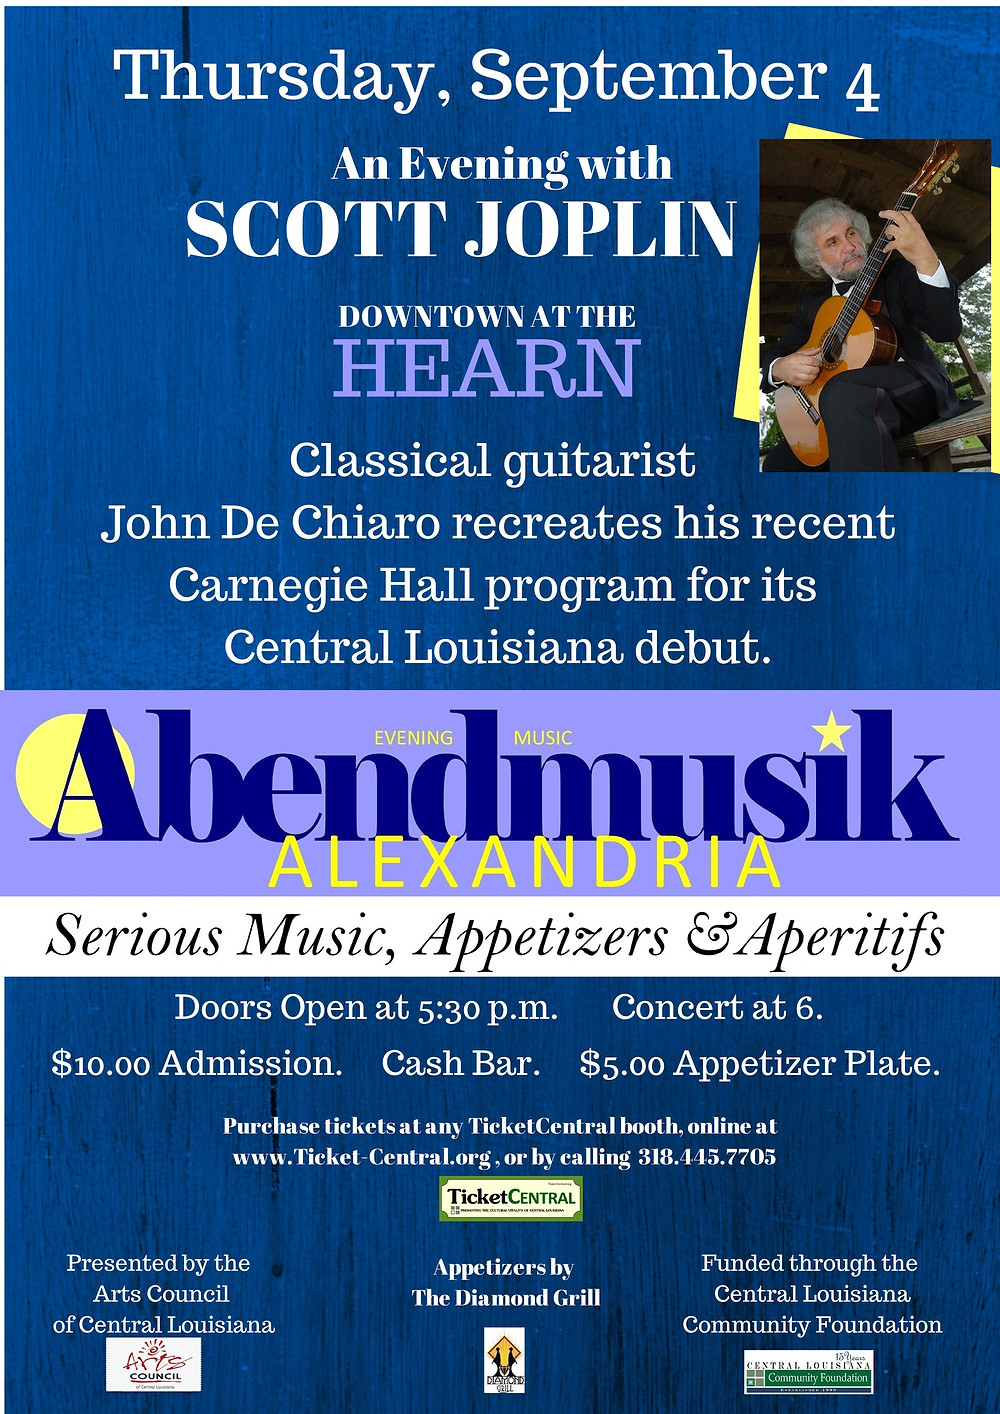 An Evening with Scott Joplin launches Abendmusik Alexandria this September.